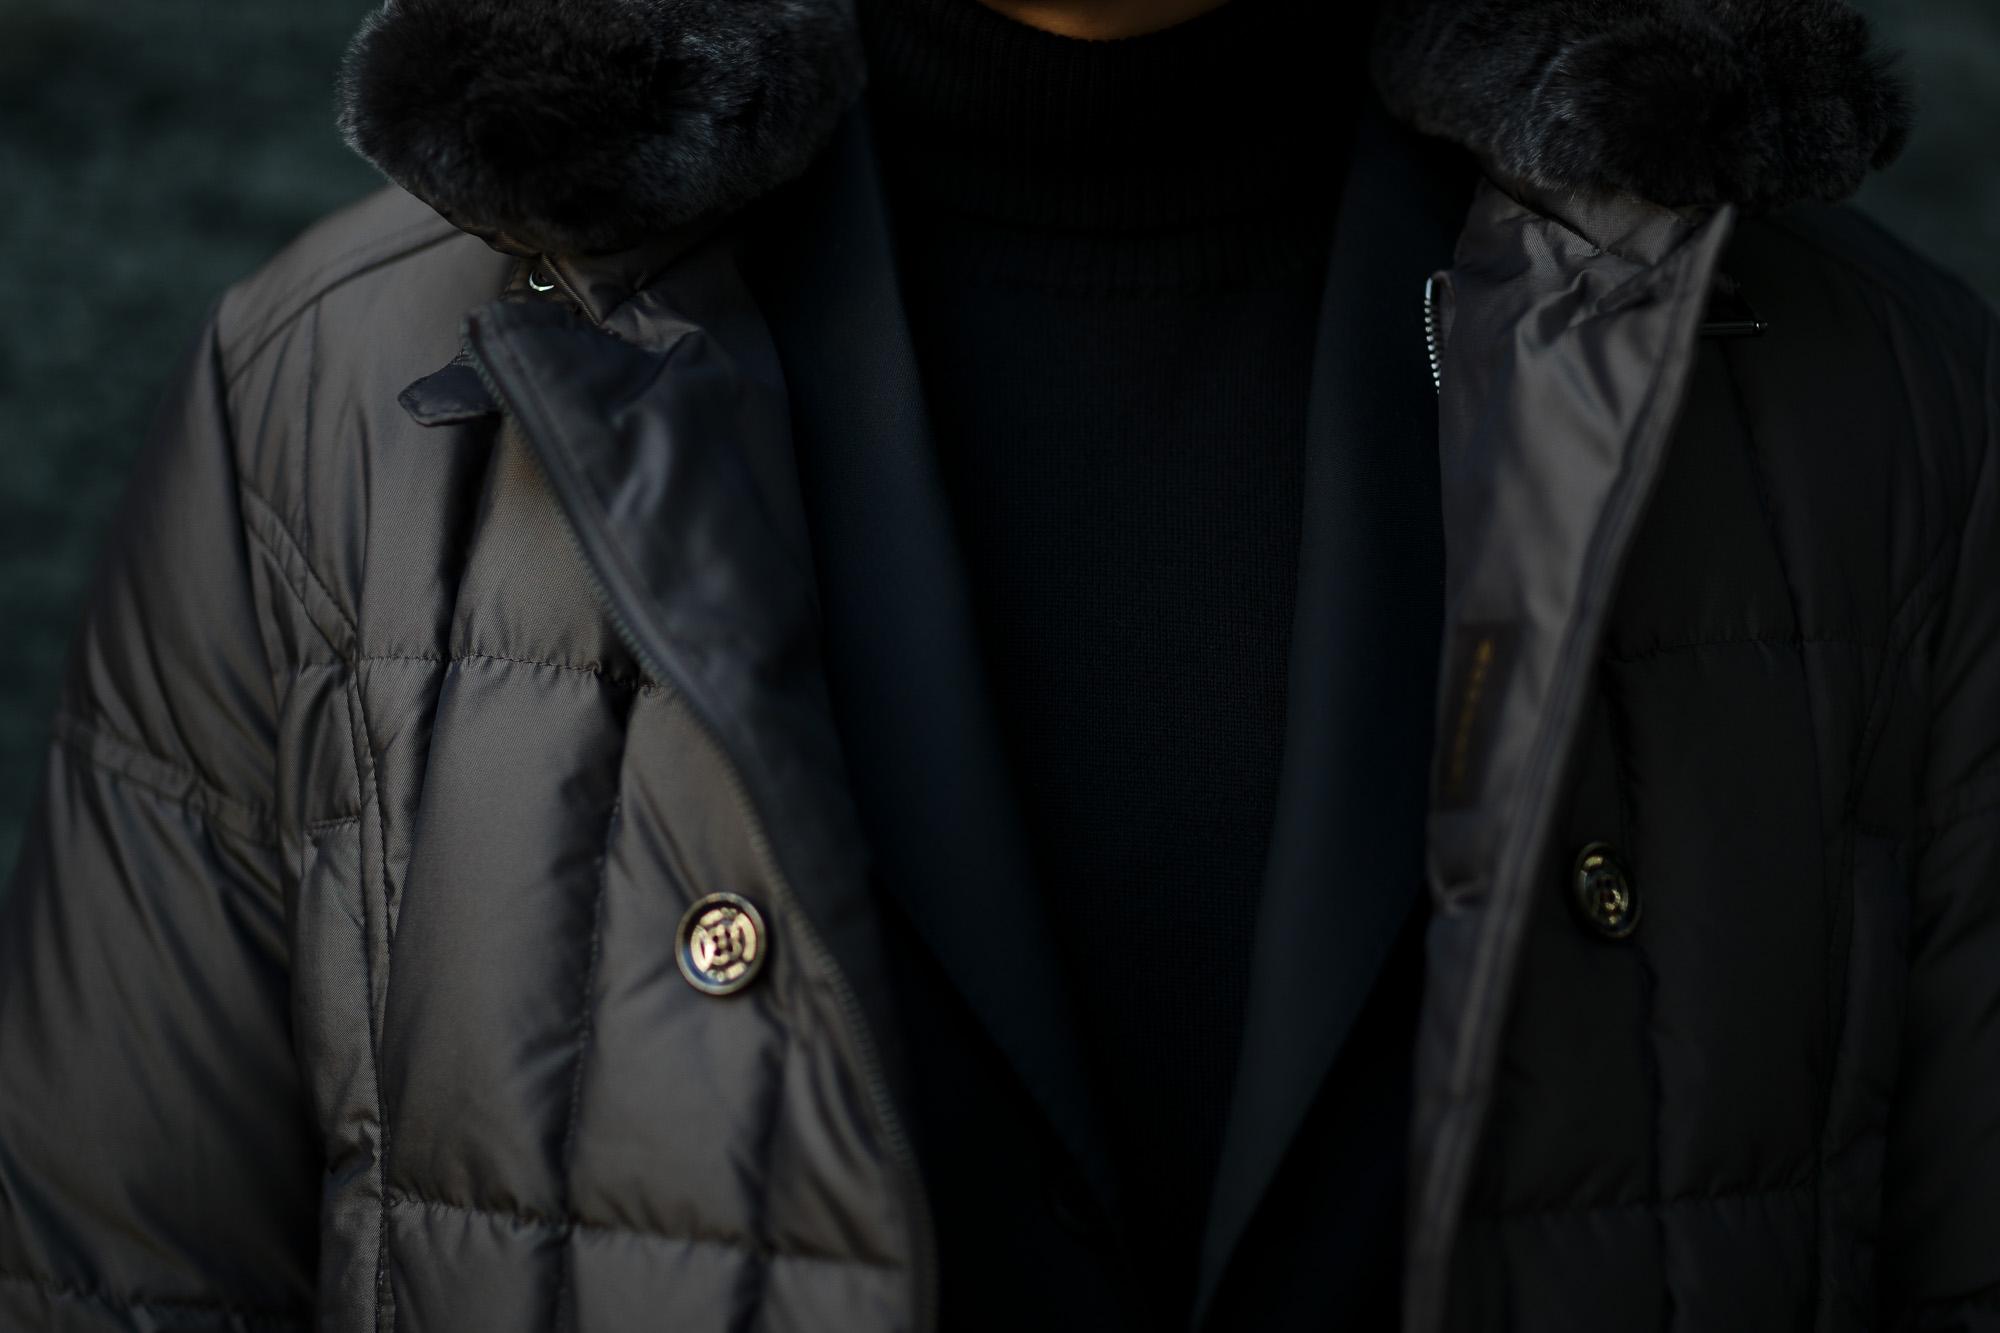 MOORER (ムーレー) SIRO-KM2 (シロ) ホワイトグースダウン ナイロン ダブルブレスト ダウンジャケット MARMOTTA(ブラウン・33) Made in italy (イタリア製) 2019 秋冬新作 愛知 名古屋 altoediritto アルトエデリット ダウンジャケット